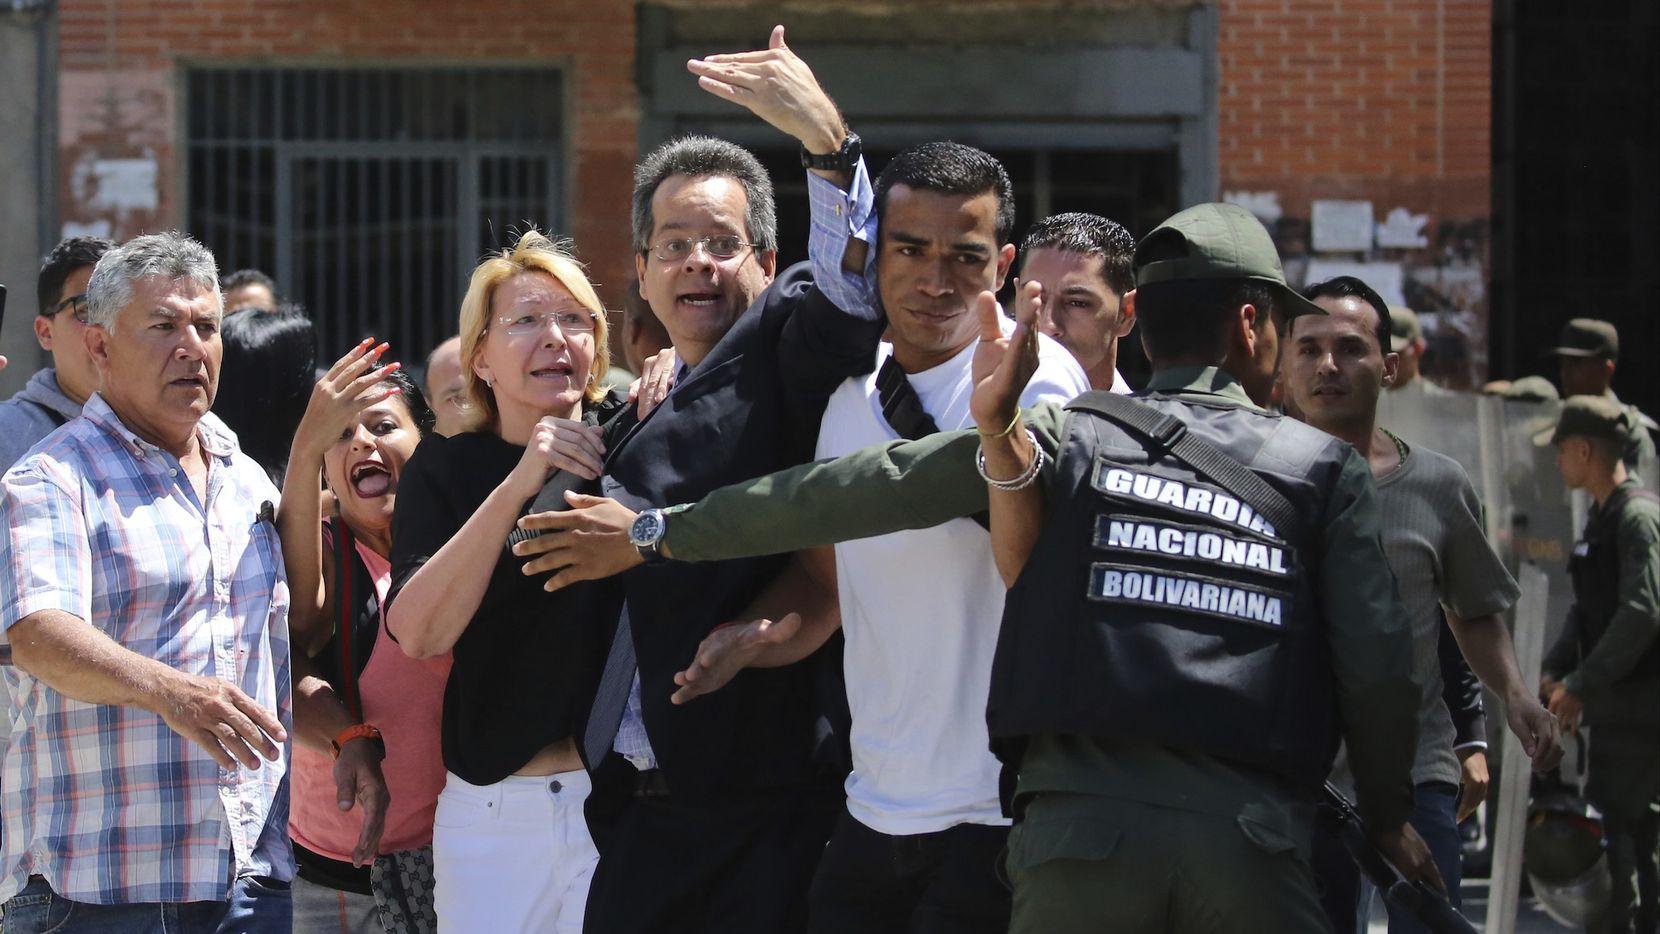 La fiscal general de Venezuela Luisa Ortega no pudo ingresar a las oficinas de gobierno el sábado. AP